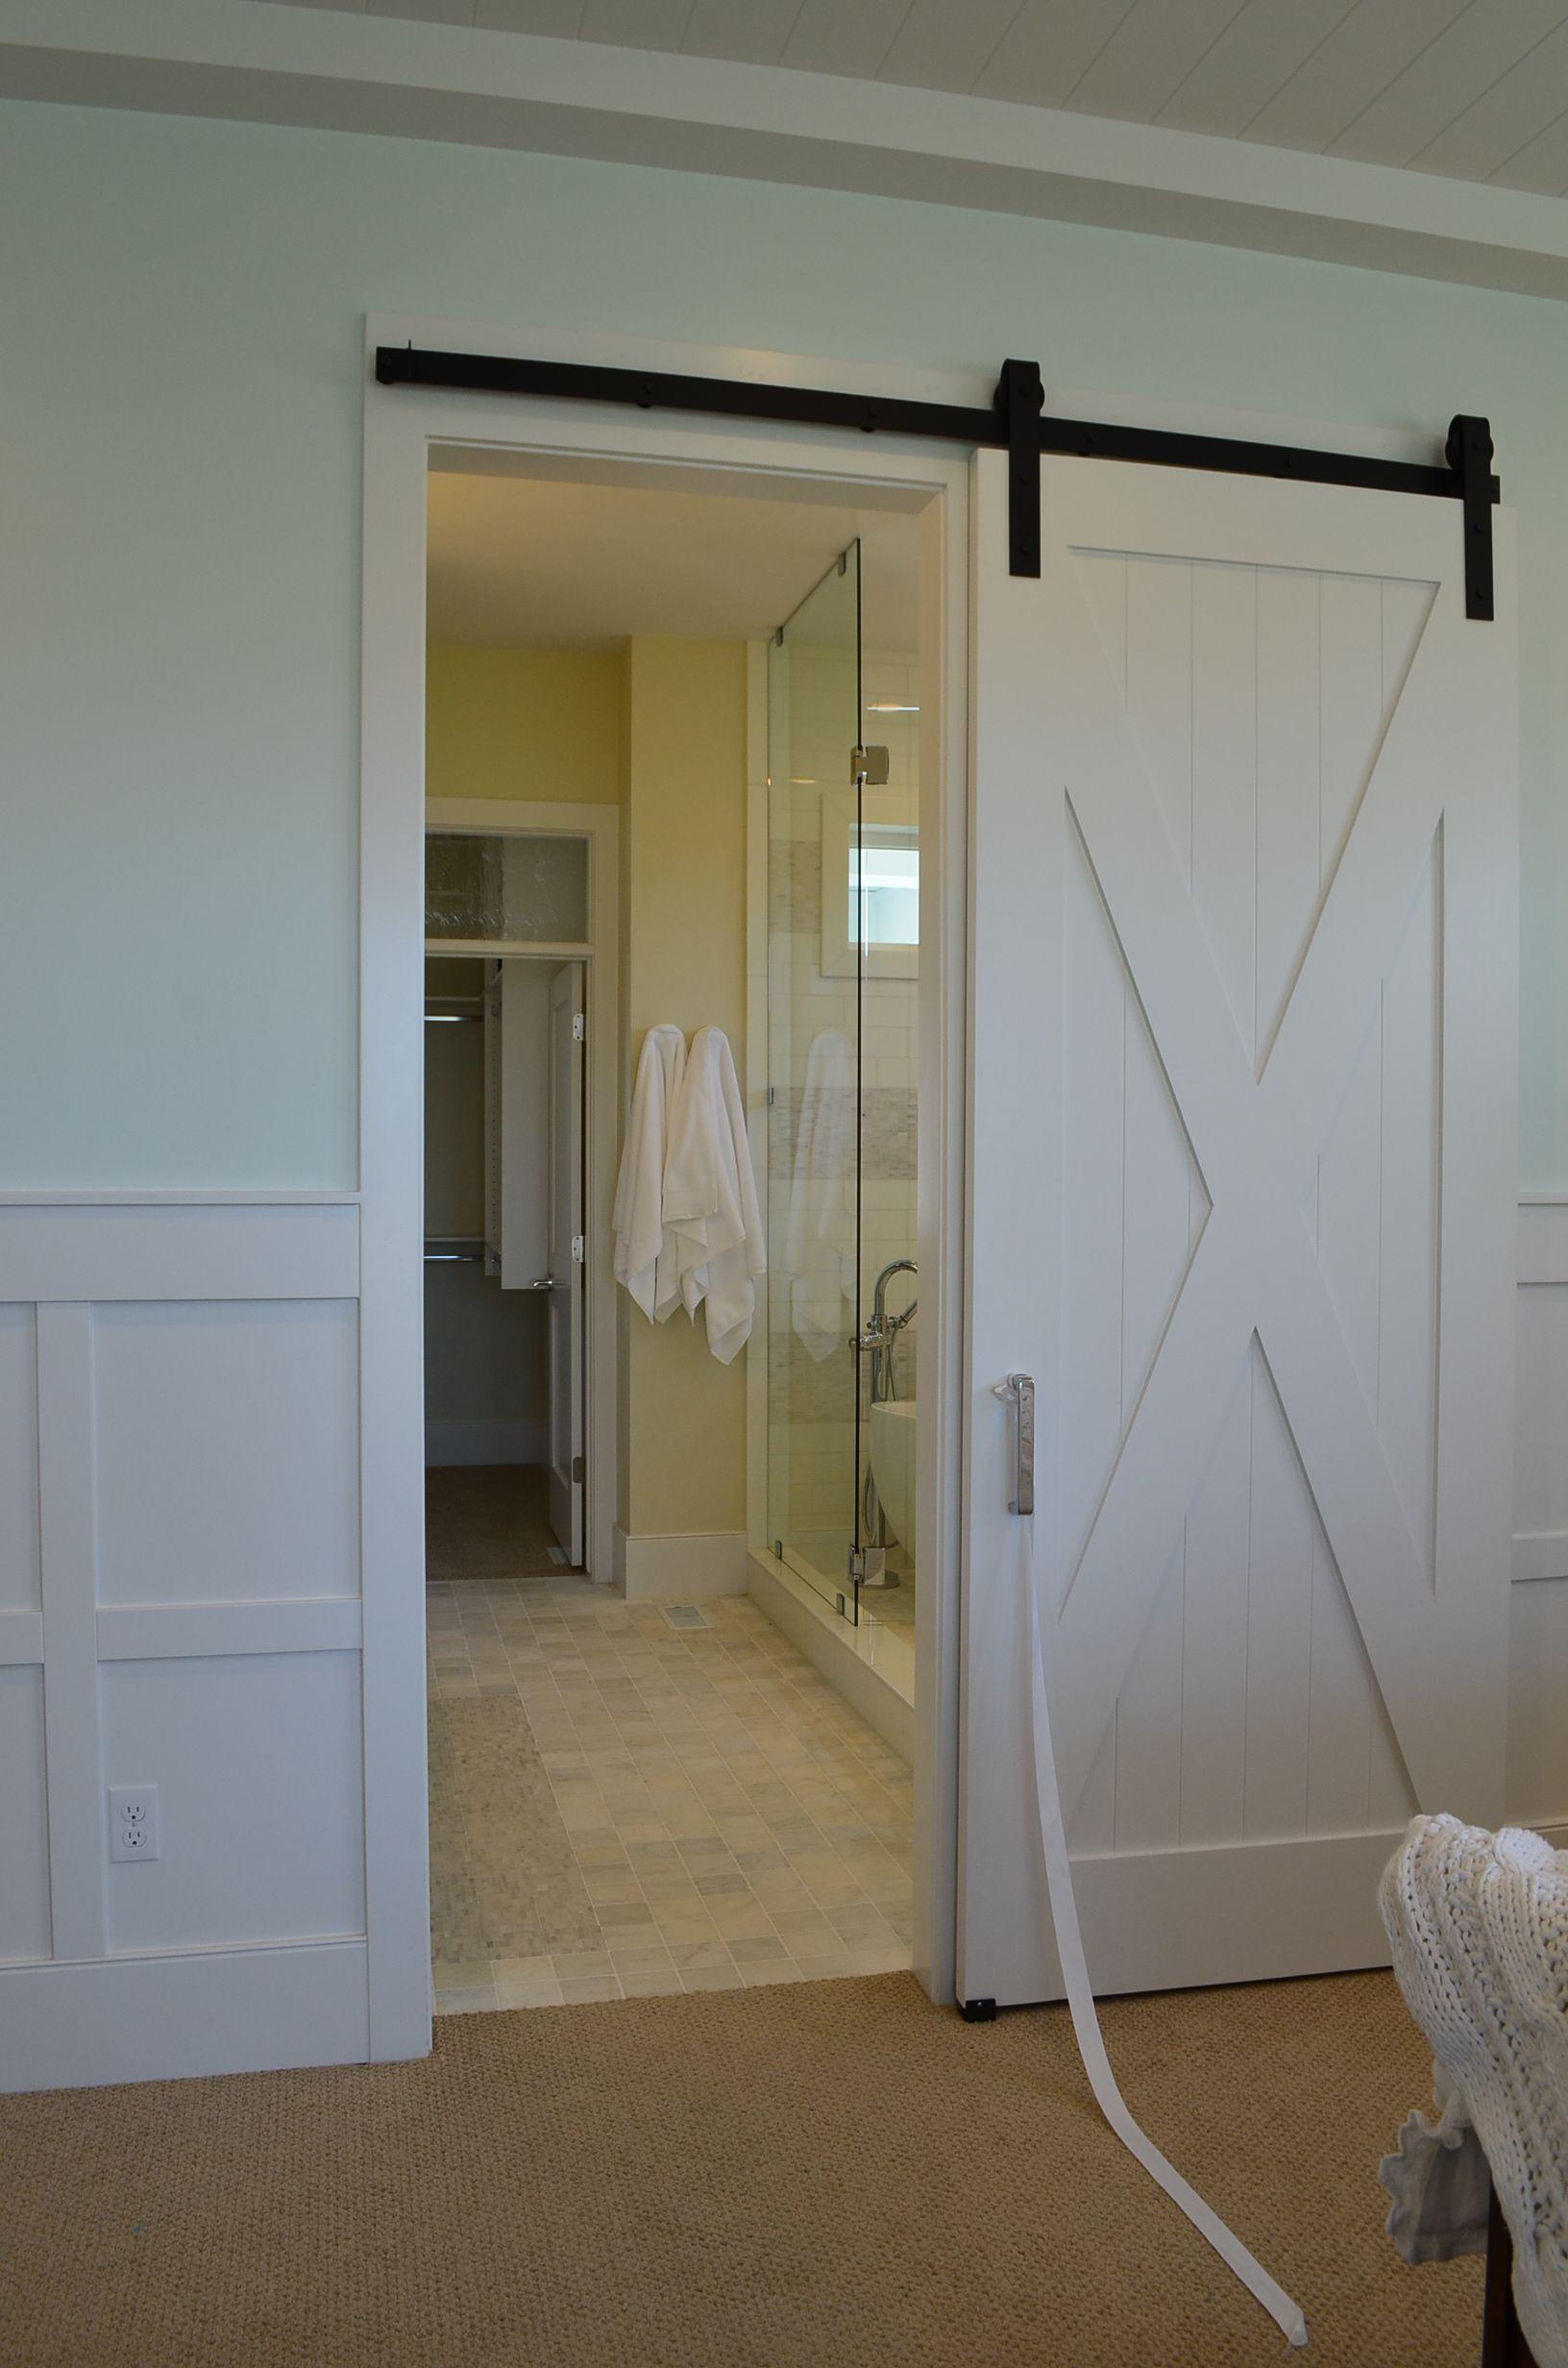 10 Barn Door Designs For Any Style Home - | Wohnen und Ideen